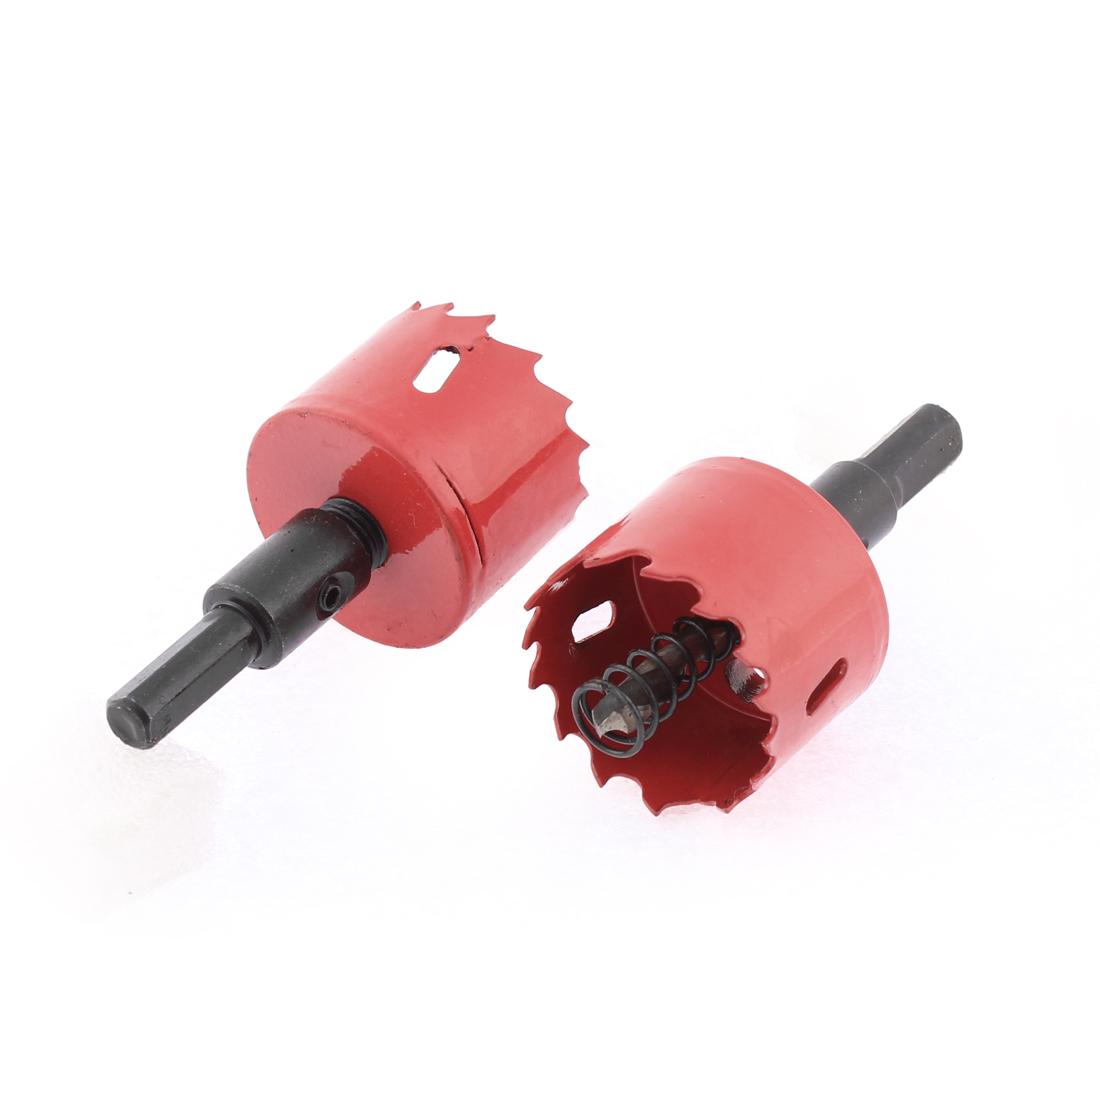 40mm Dia Twist Drill Bit BI Metal Hole Saw Cutter 2 Pcs for Aluminum Iron Wood